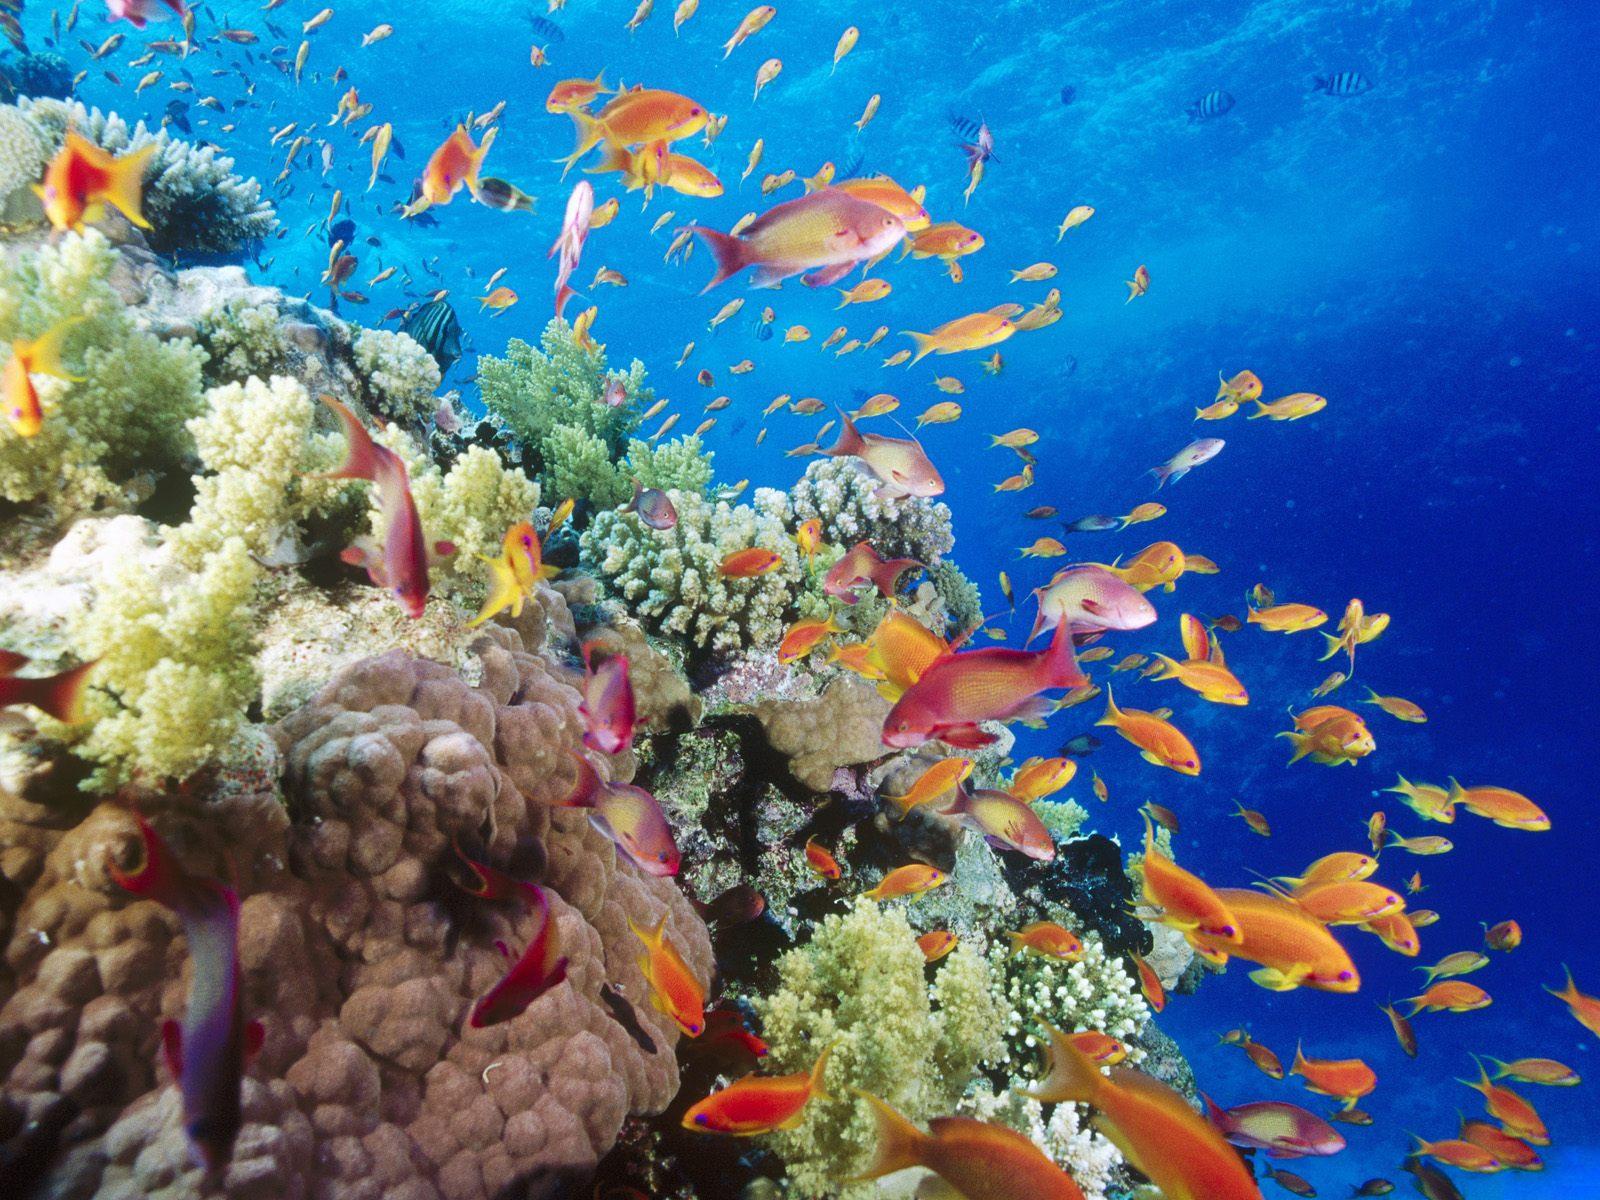 http://1.bp.blogspot.com/-czpaQP3LppI/TdrL5ideHzI/AAAAAAAAALQ/-Da5yTGkHbM/s1600/3D+Underwater+Wallpapers.jpeg